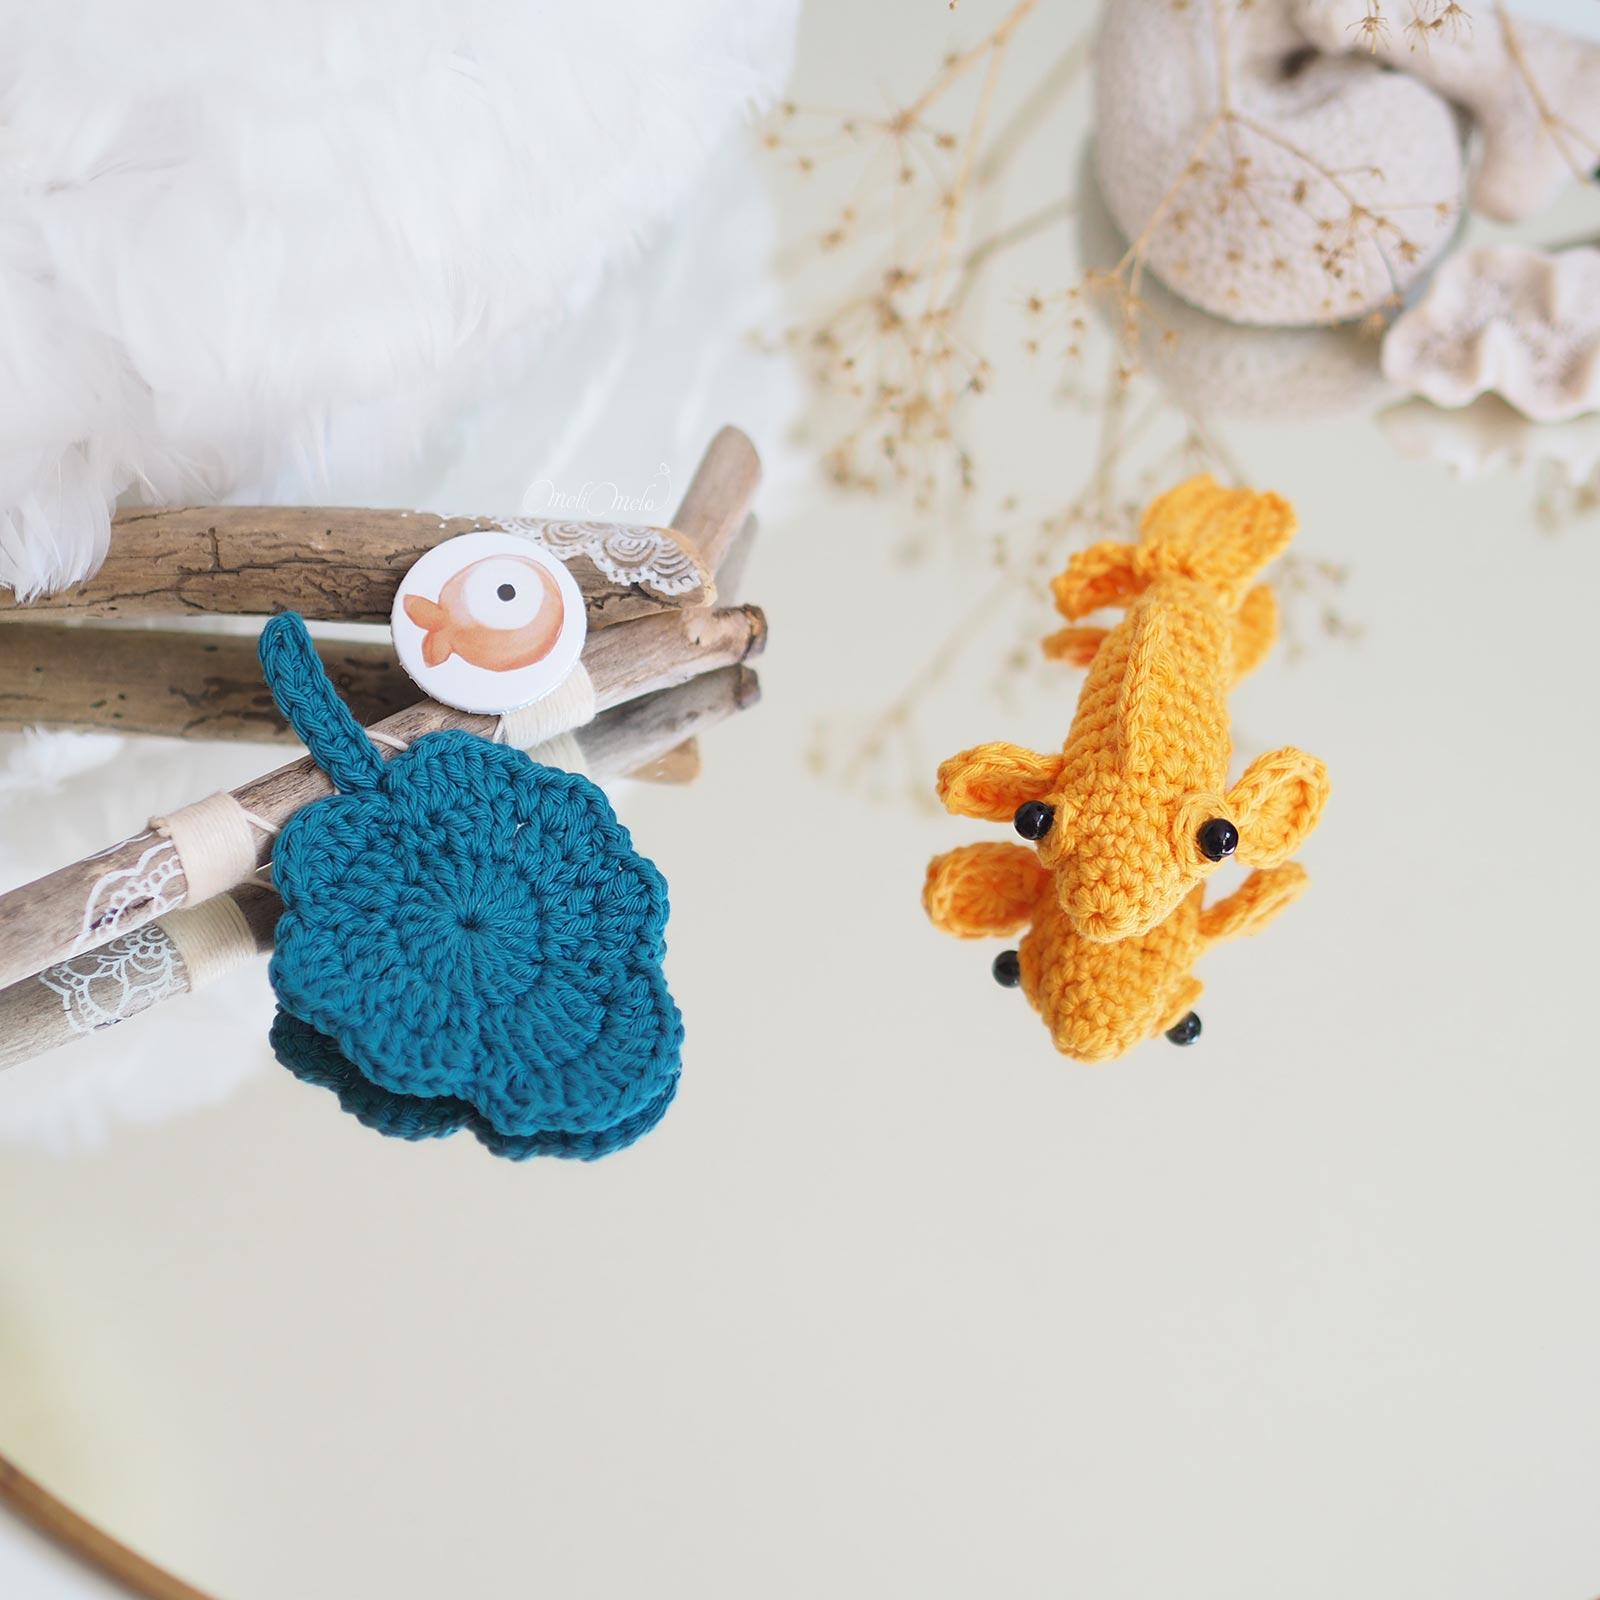 poisson voile de chine combattant crochet amigurumi thalicreations laboutiquedemelimelo